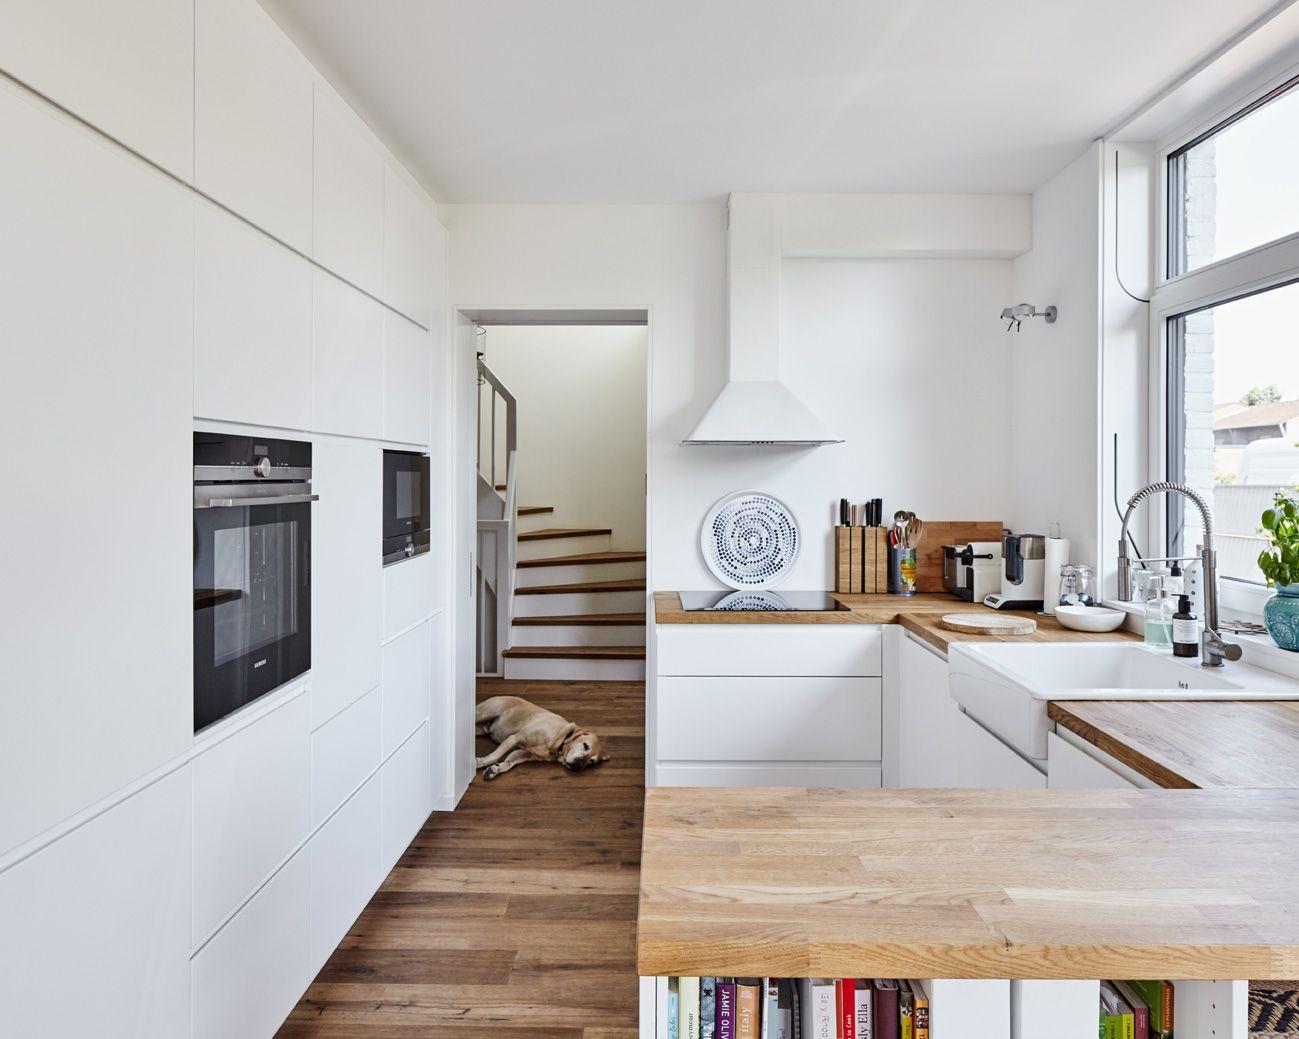 Küche, Arbeitsplatte, Holz, Spülbecken, Herd, Ofen, Treppe ...